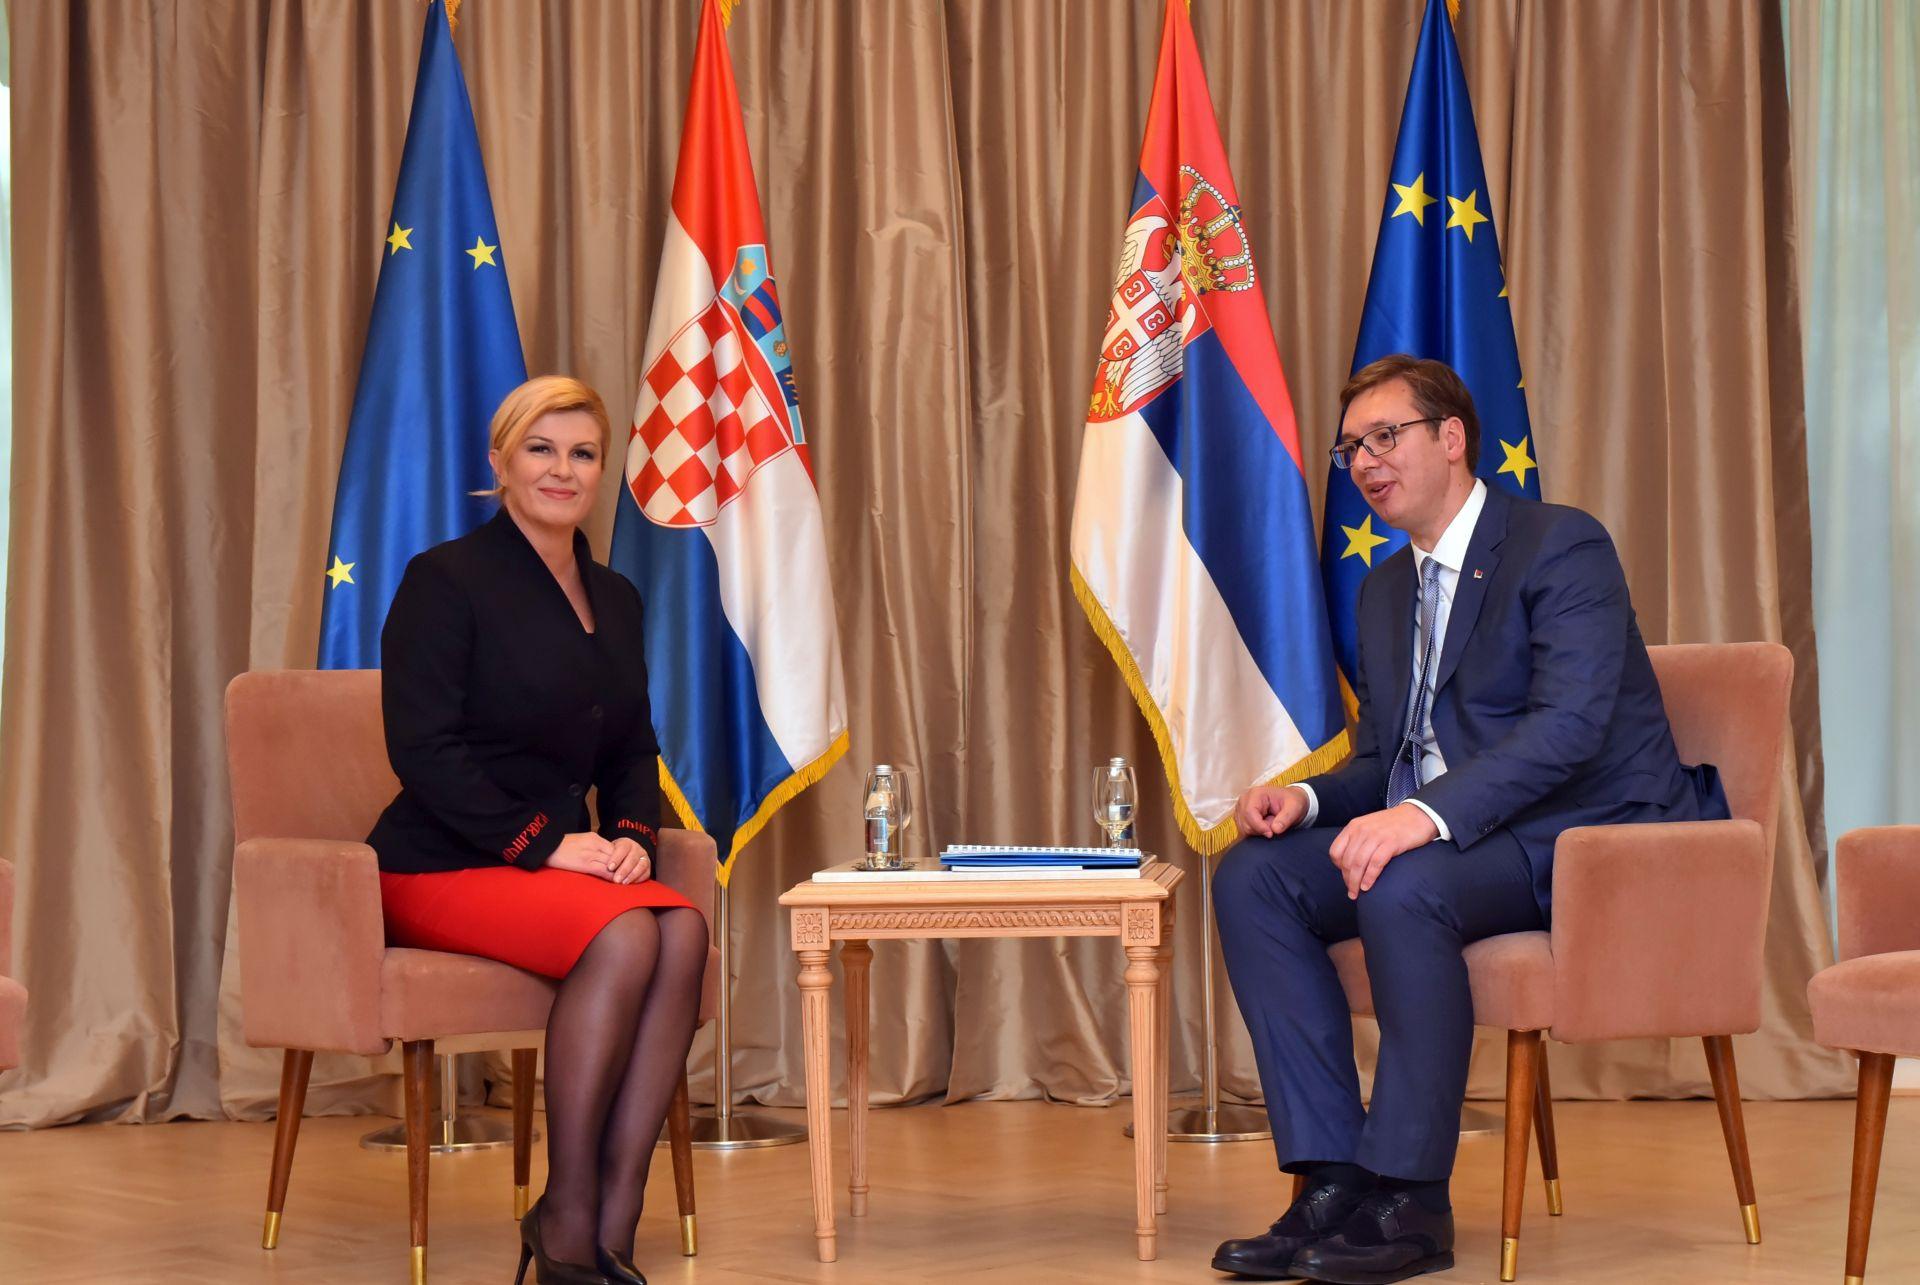 SRBIJANSKA ANALITIČARKA Što donosi susret Vučić – Grabar Kitarović?